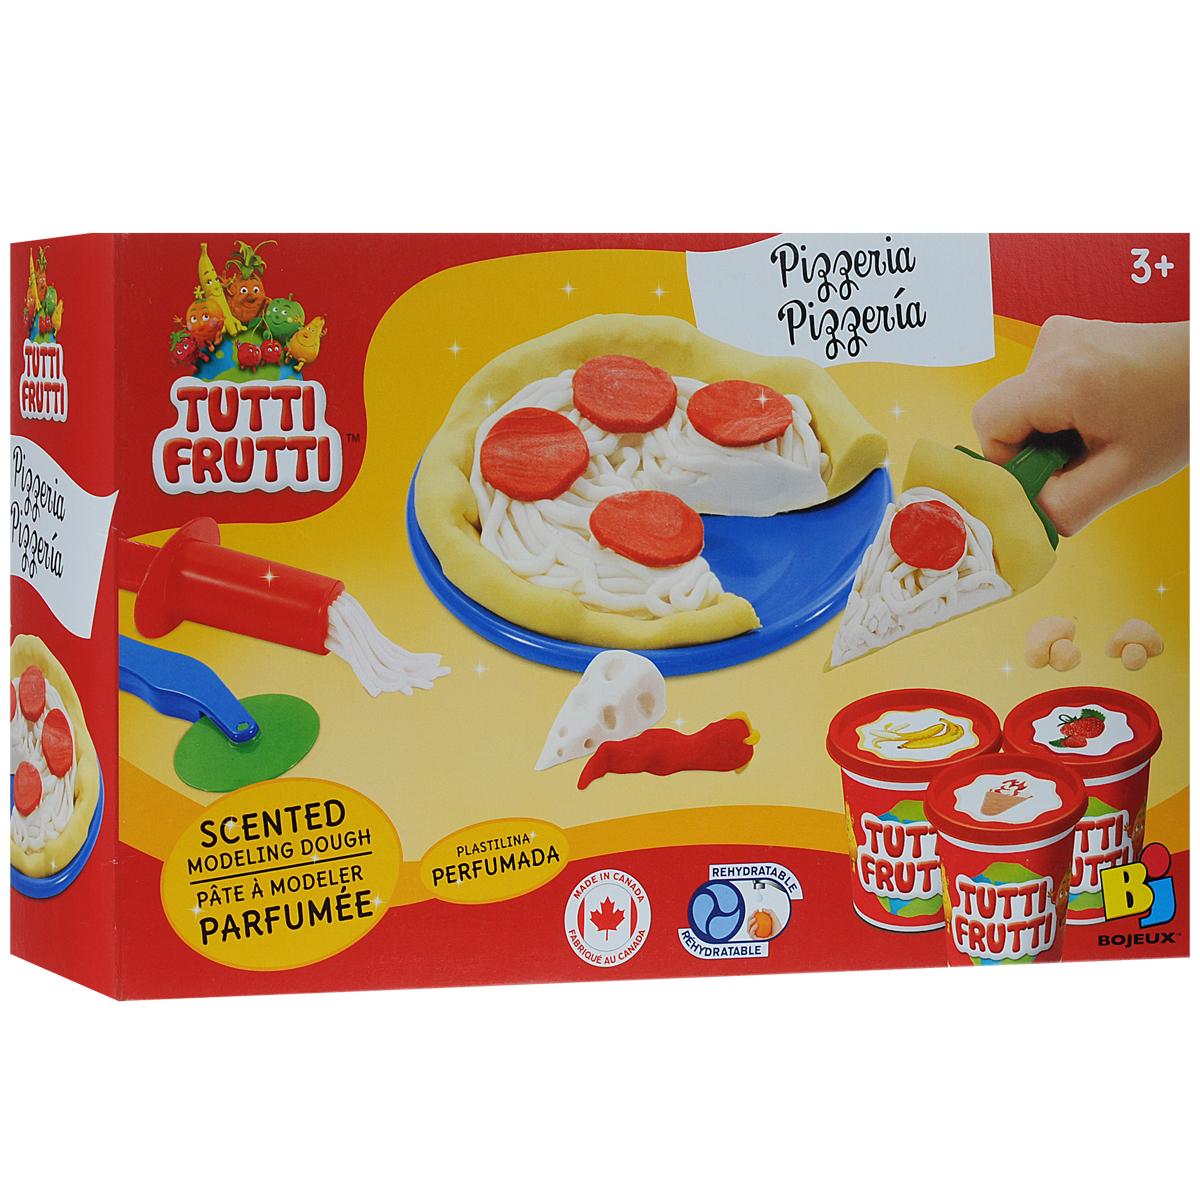 """С набором массы для лепки Bojeux """"Пиццерия"""" ваш ребенок сможет устроить пиццерию прямо у себя дома. Насытиться такой пиццей нельзя, зато удовольствие от ее приготовления гарантировано! В набор входит все необходимое: три баночки цветной массы красного, белого и желтого цветов, имеющей приятный аромат клубники, мороженого и банана соответственно, а также выдавливающий пресс, нож, лопатка, 2 тарелочки и скалка. Скалкой необходимо раскатать """"тесто"""", выдавить на него из пресса """"сыр"""" и положить сверху """"другие ингредиенты пиццы"""". Остается только разрезать пиццу специальным ножом и выложить на тарелочку! Масса имеет сильный соленый привкус, что убережет ребенка от ее проглатывания. Она не липнет к пальцам, не оставляет пятен и не рассыхается. Для восстановления достаточно добавить обычной воды. Ваш малыш будет в восторге от такого набора! Общий вес массы для лепки: 350 г."""